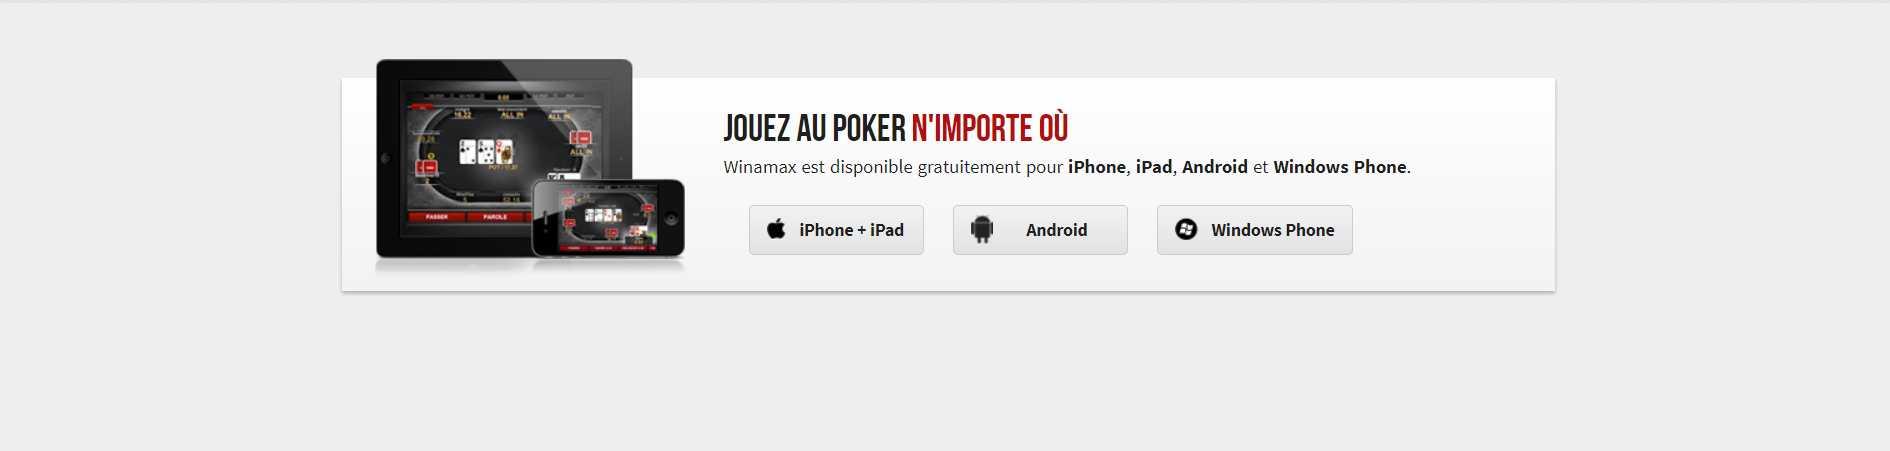 Telecharger l'application de Winamax pour le poker